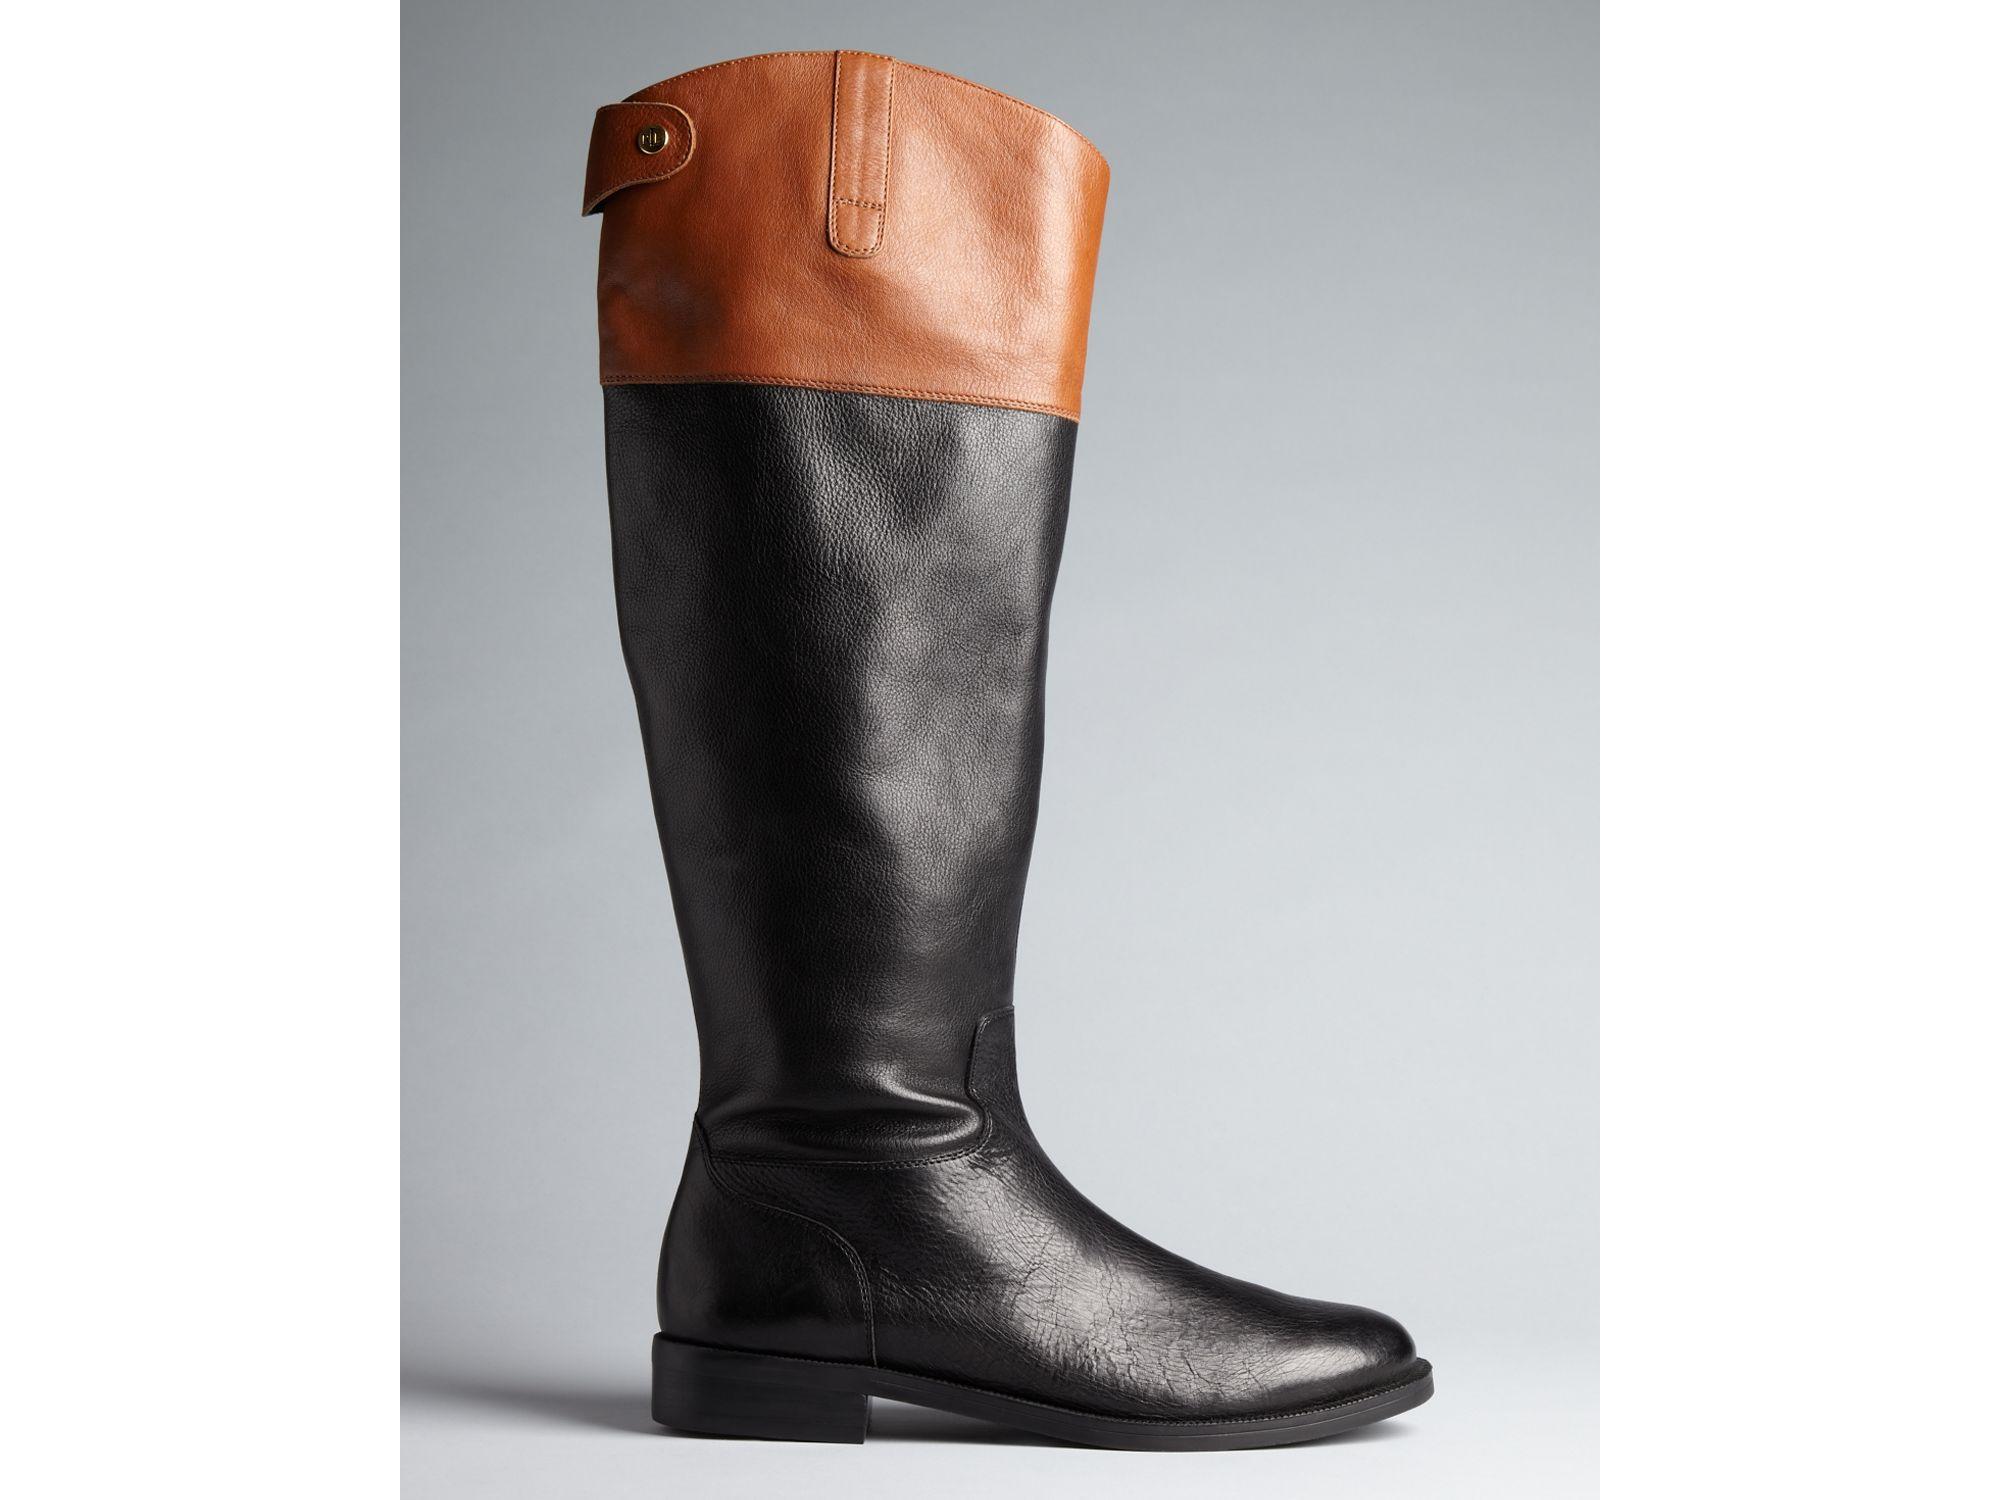 Lauren by ralph lauren Riding Boots Jenessa in Black | Lyst